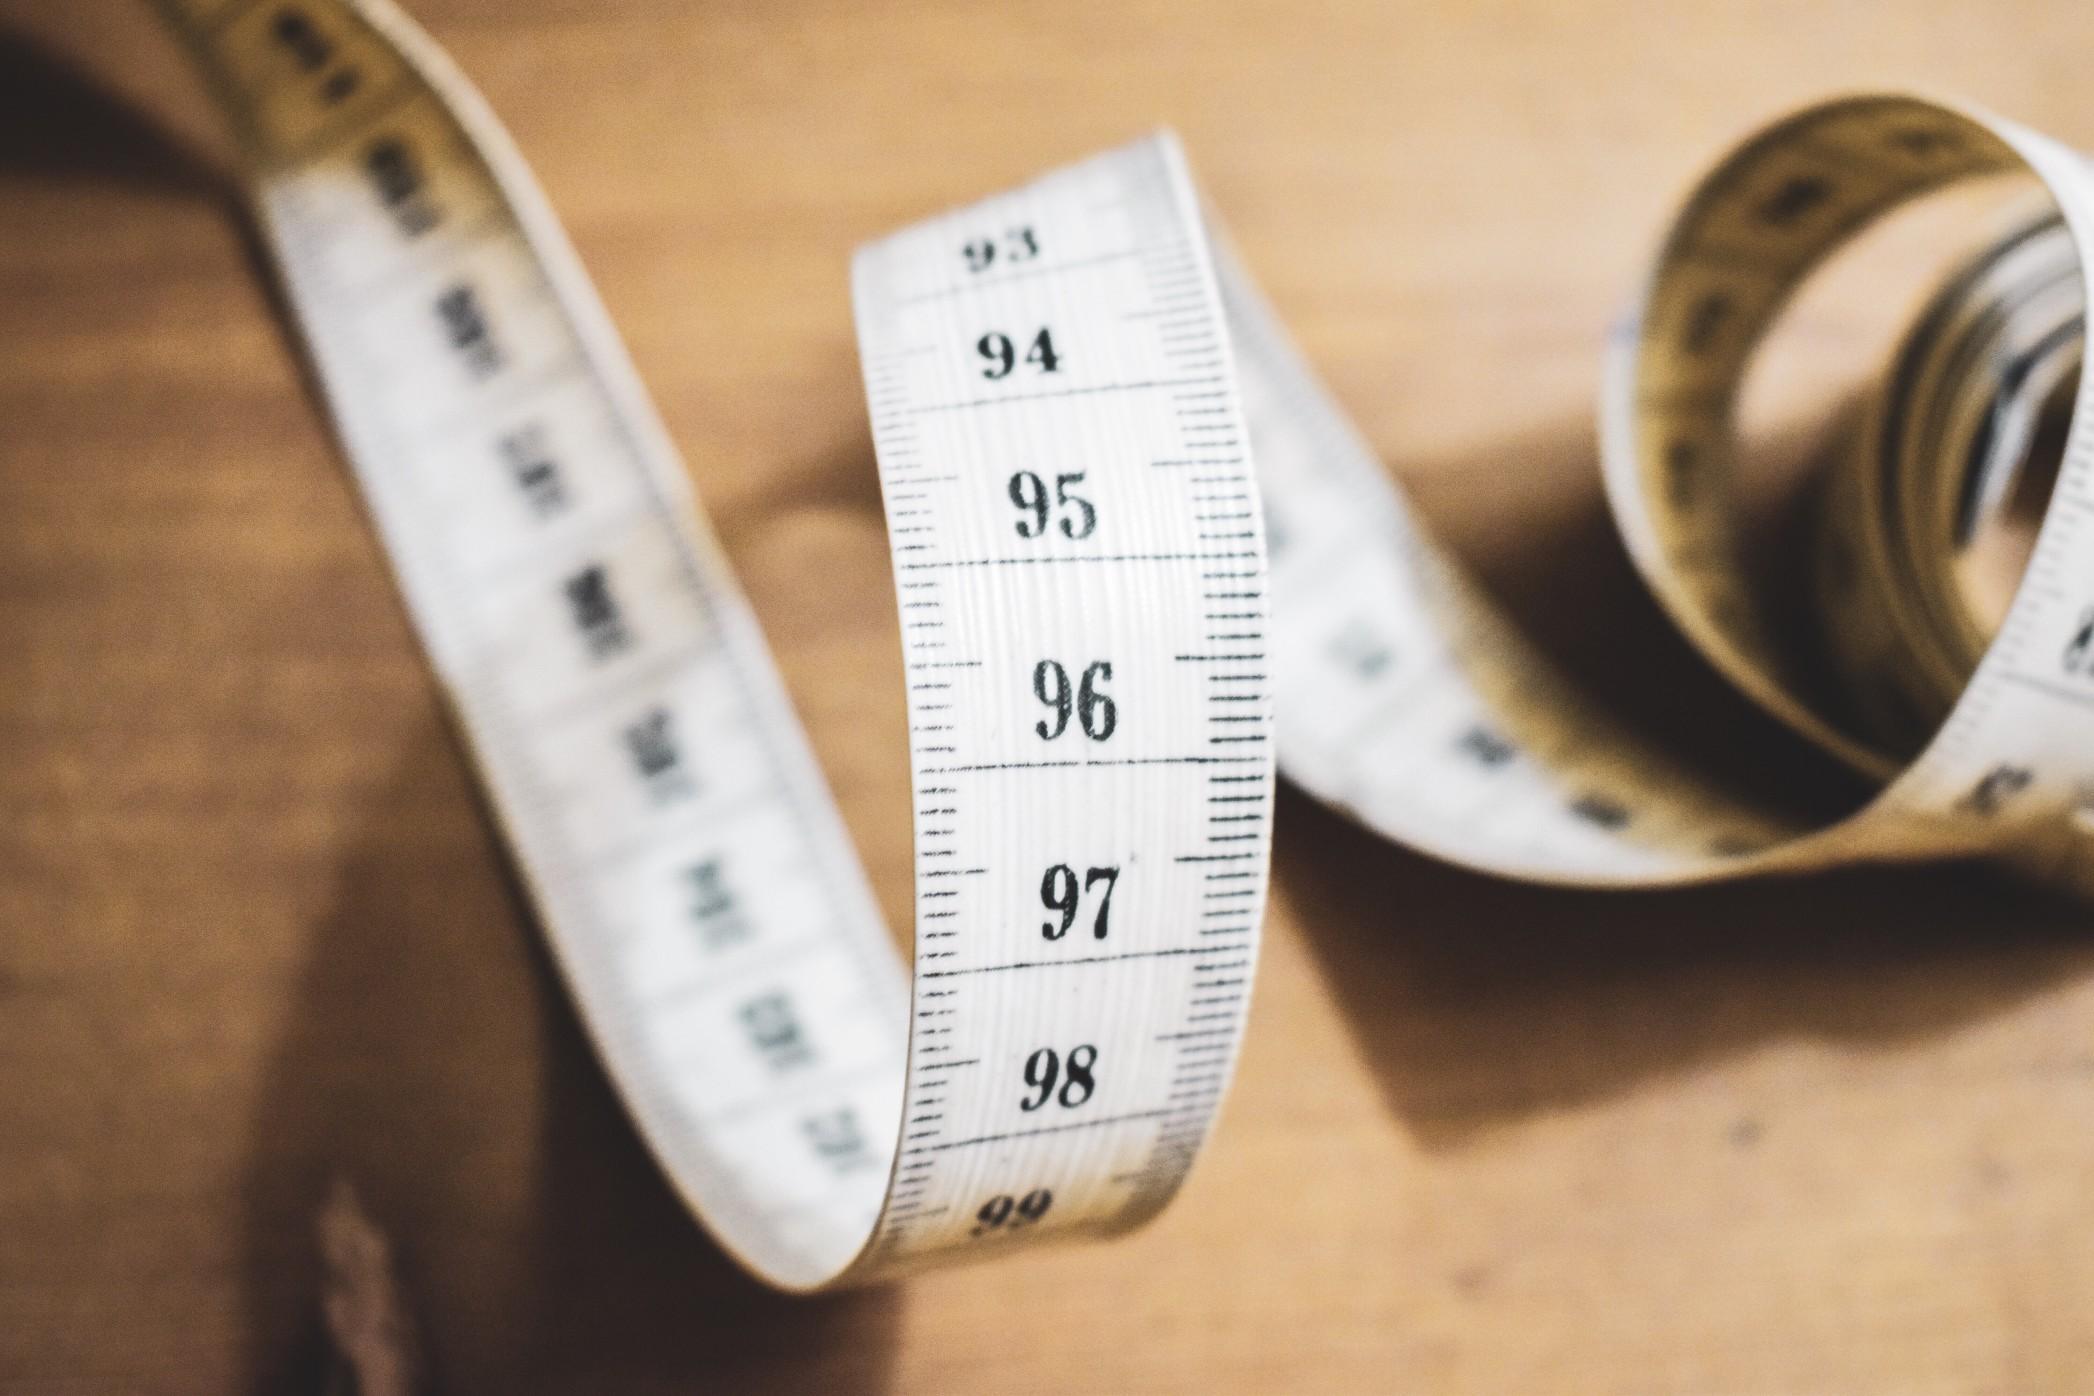 Prêt-à-porter, made to measure, Bespoke: qual è l'abito su misura giusto per te?